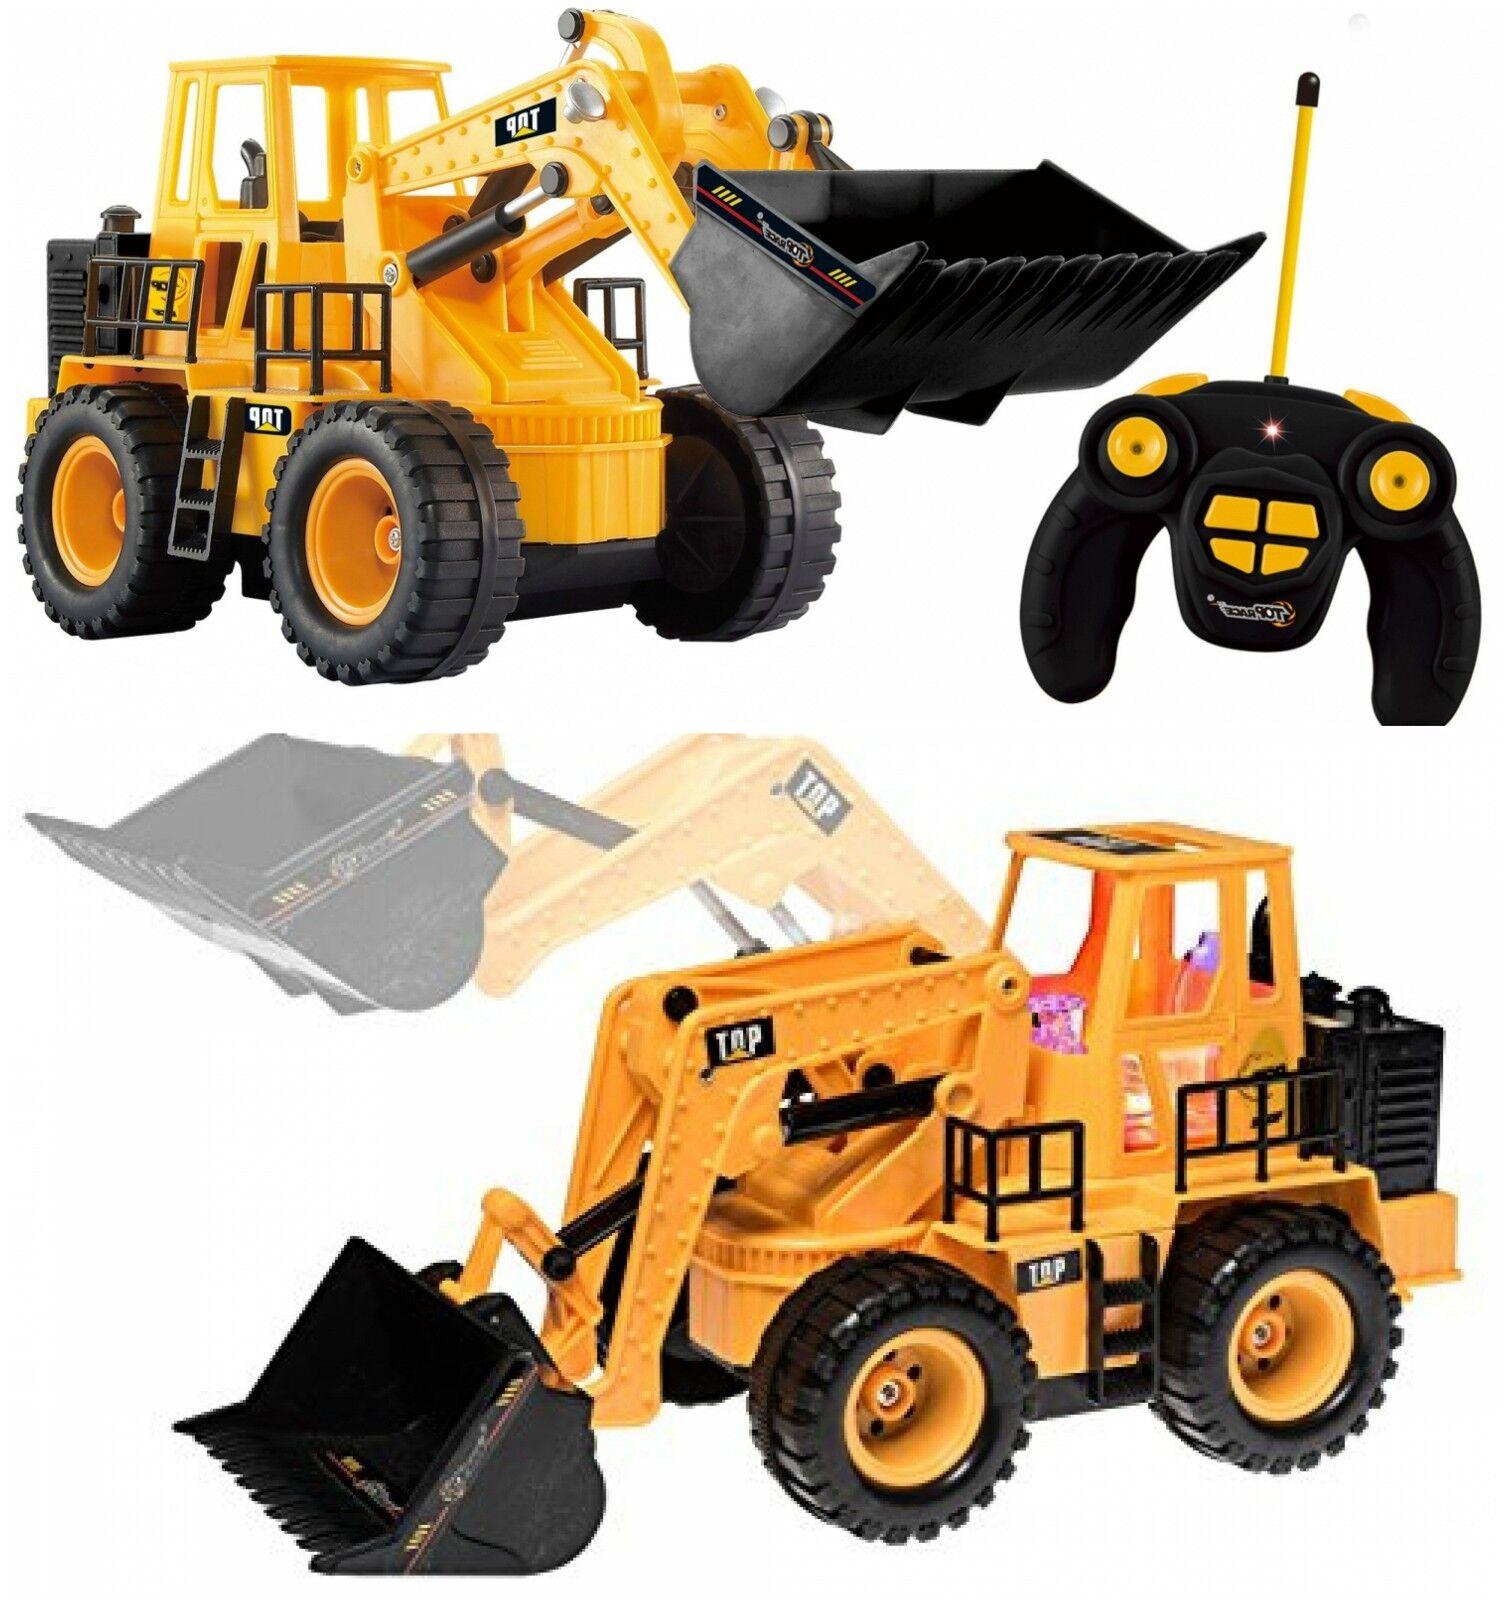 Fernbedienung bau spielwaren spielzeug traktor - elektrische spielzeug fr jungs im alter von 7